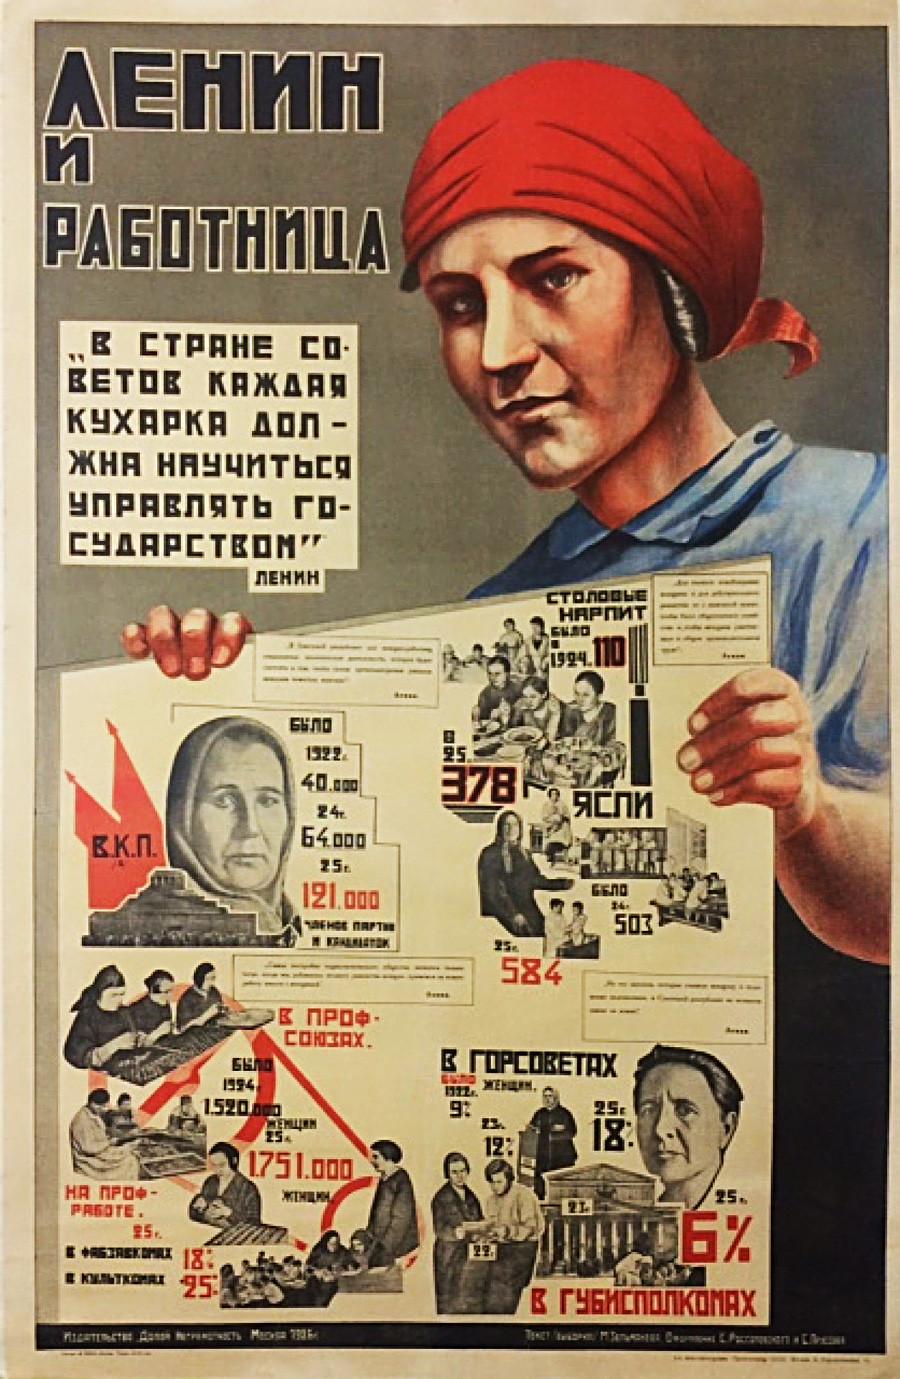 8. El 8 de marzo es el día de la rebelión de las trabajadoras contra la esclavitud en la cocina.